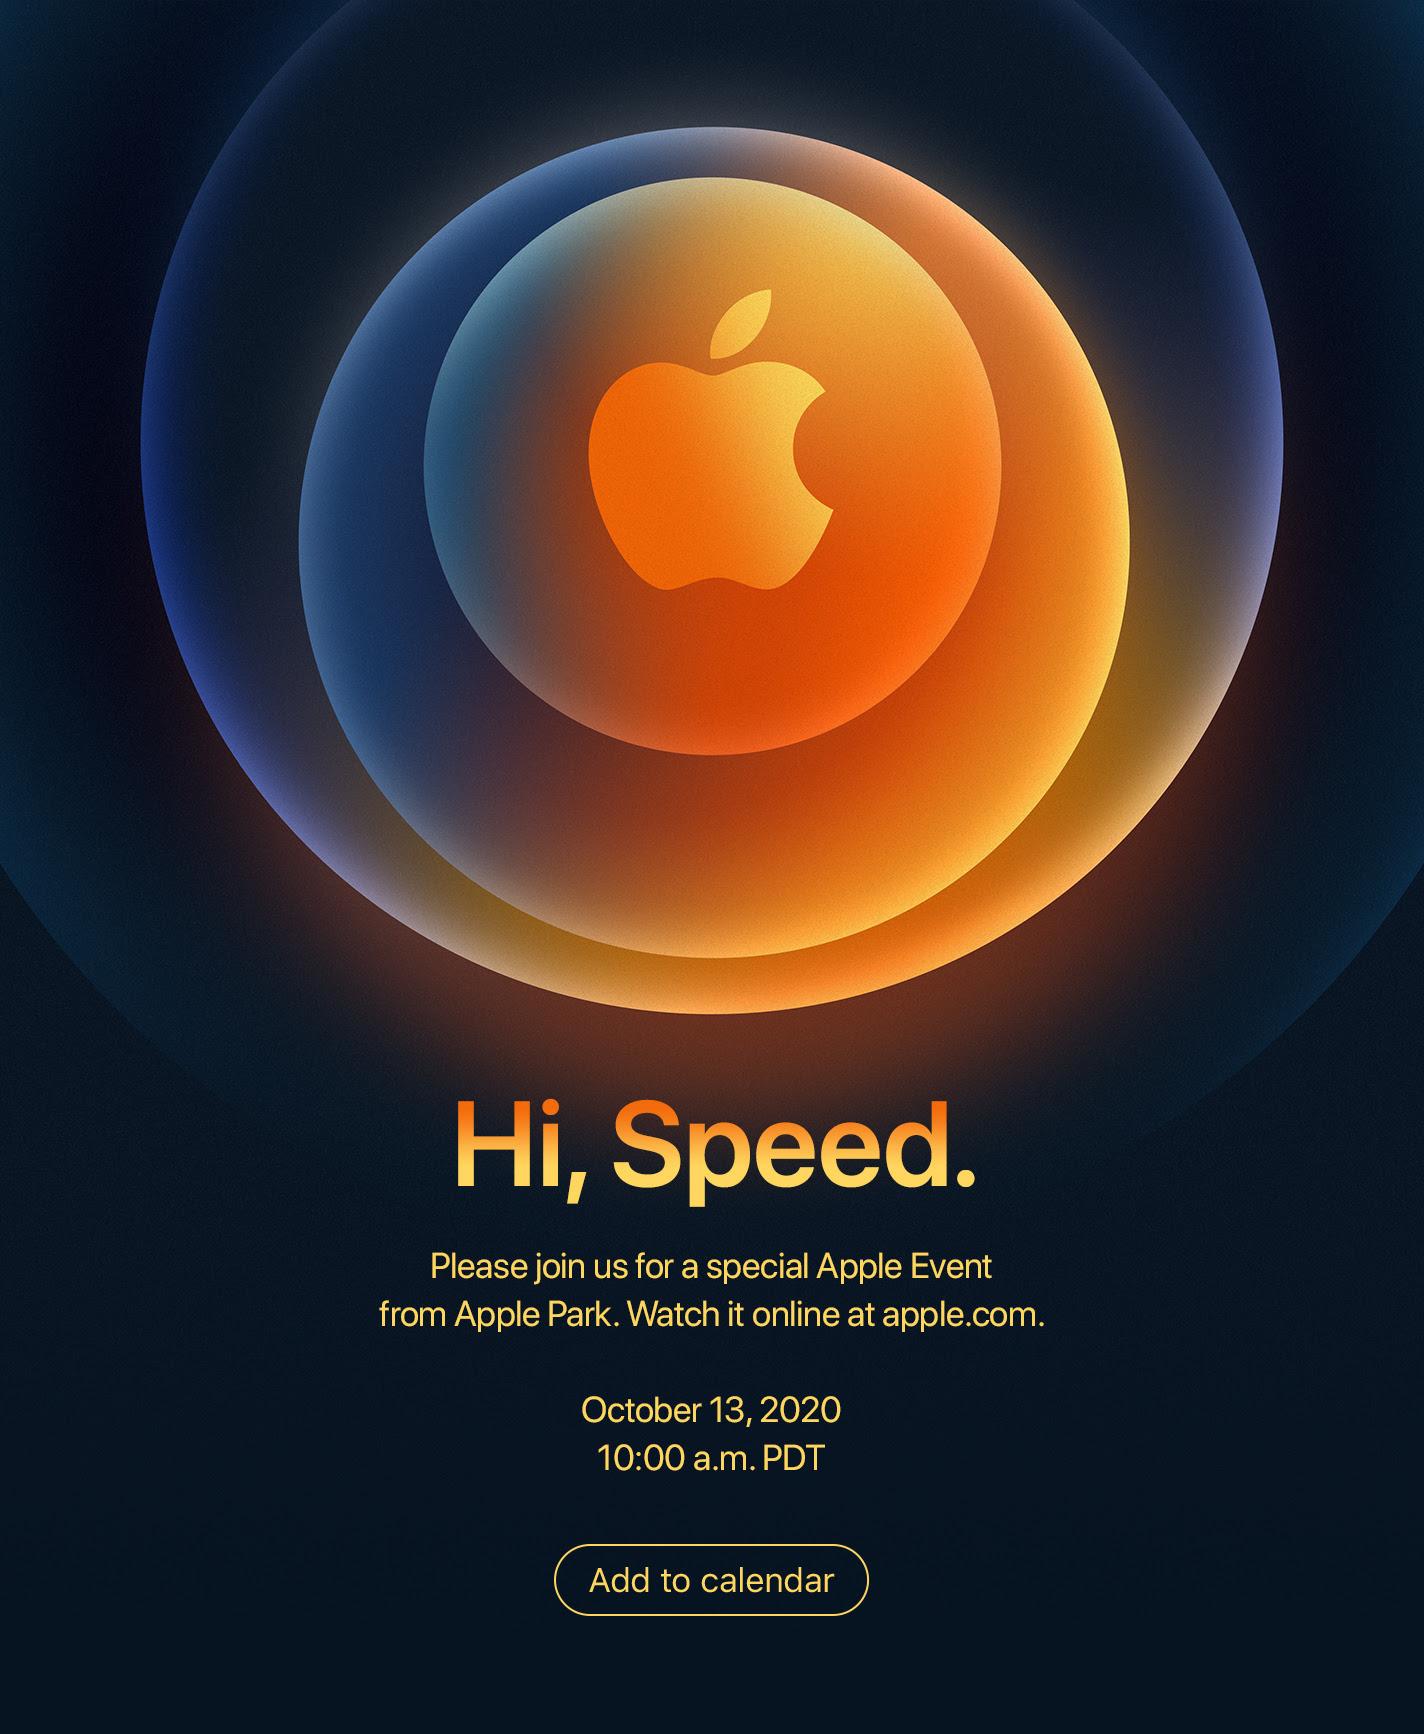 Convite do evento de lançamento dos celulares iPhone 12